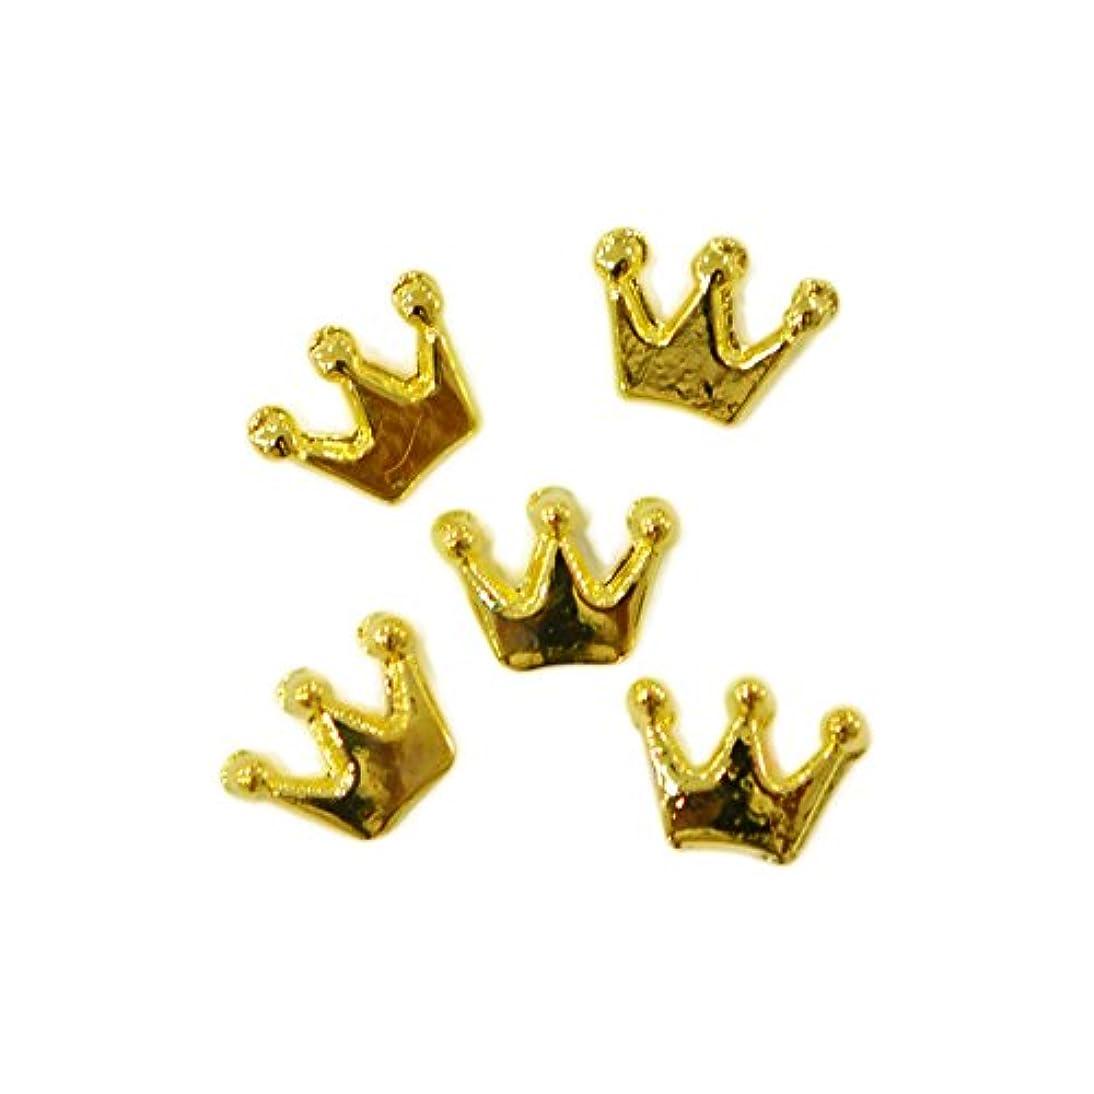 乱雑な粒ダイジェストメタルパーツ crown 6mm×4mm ゴールド 5個 MP10158 王冠